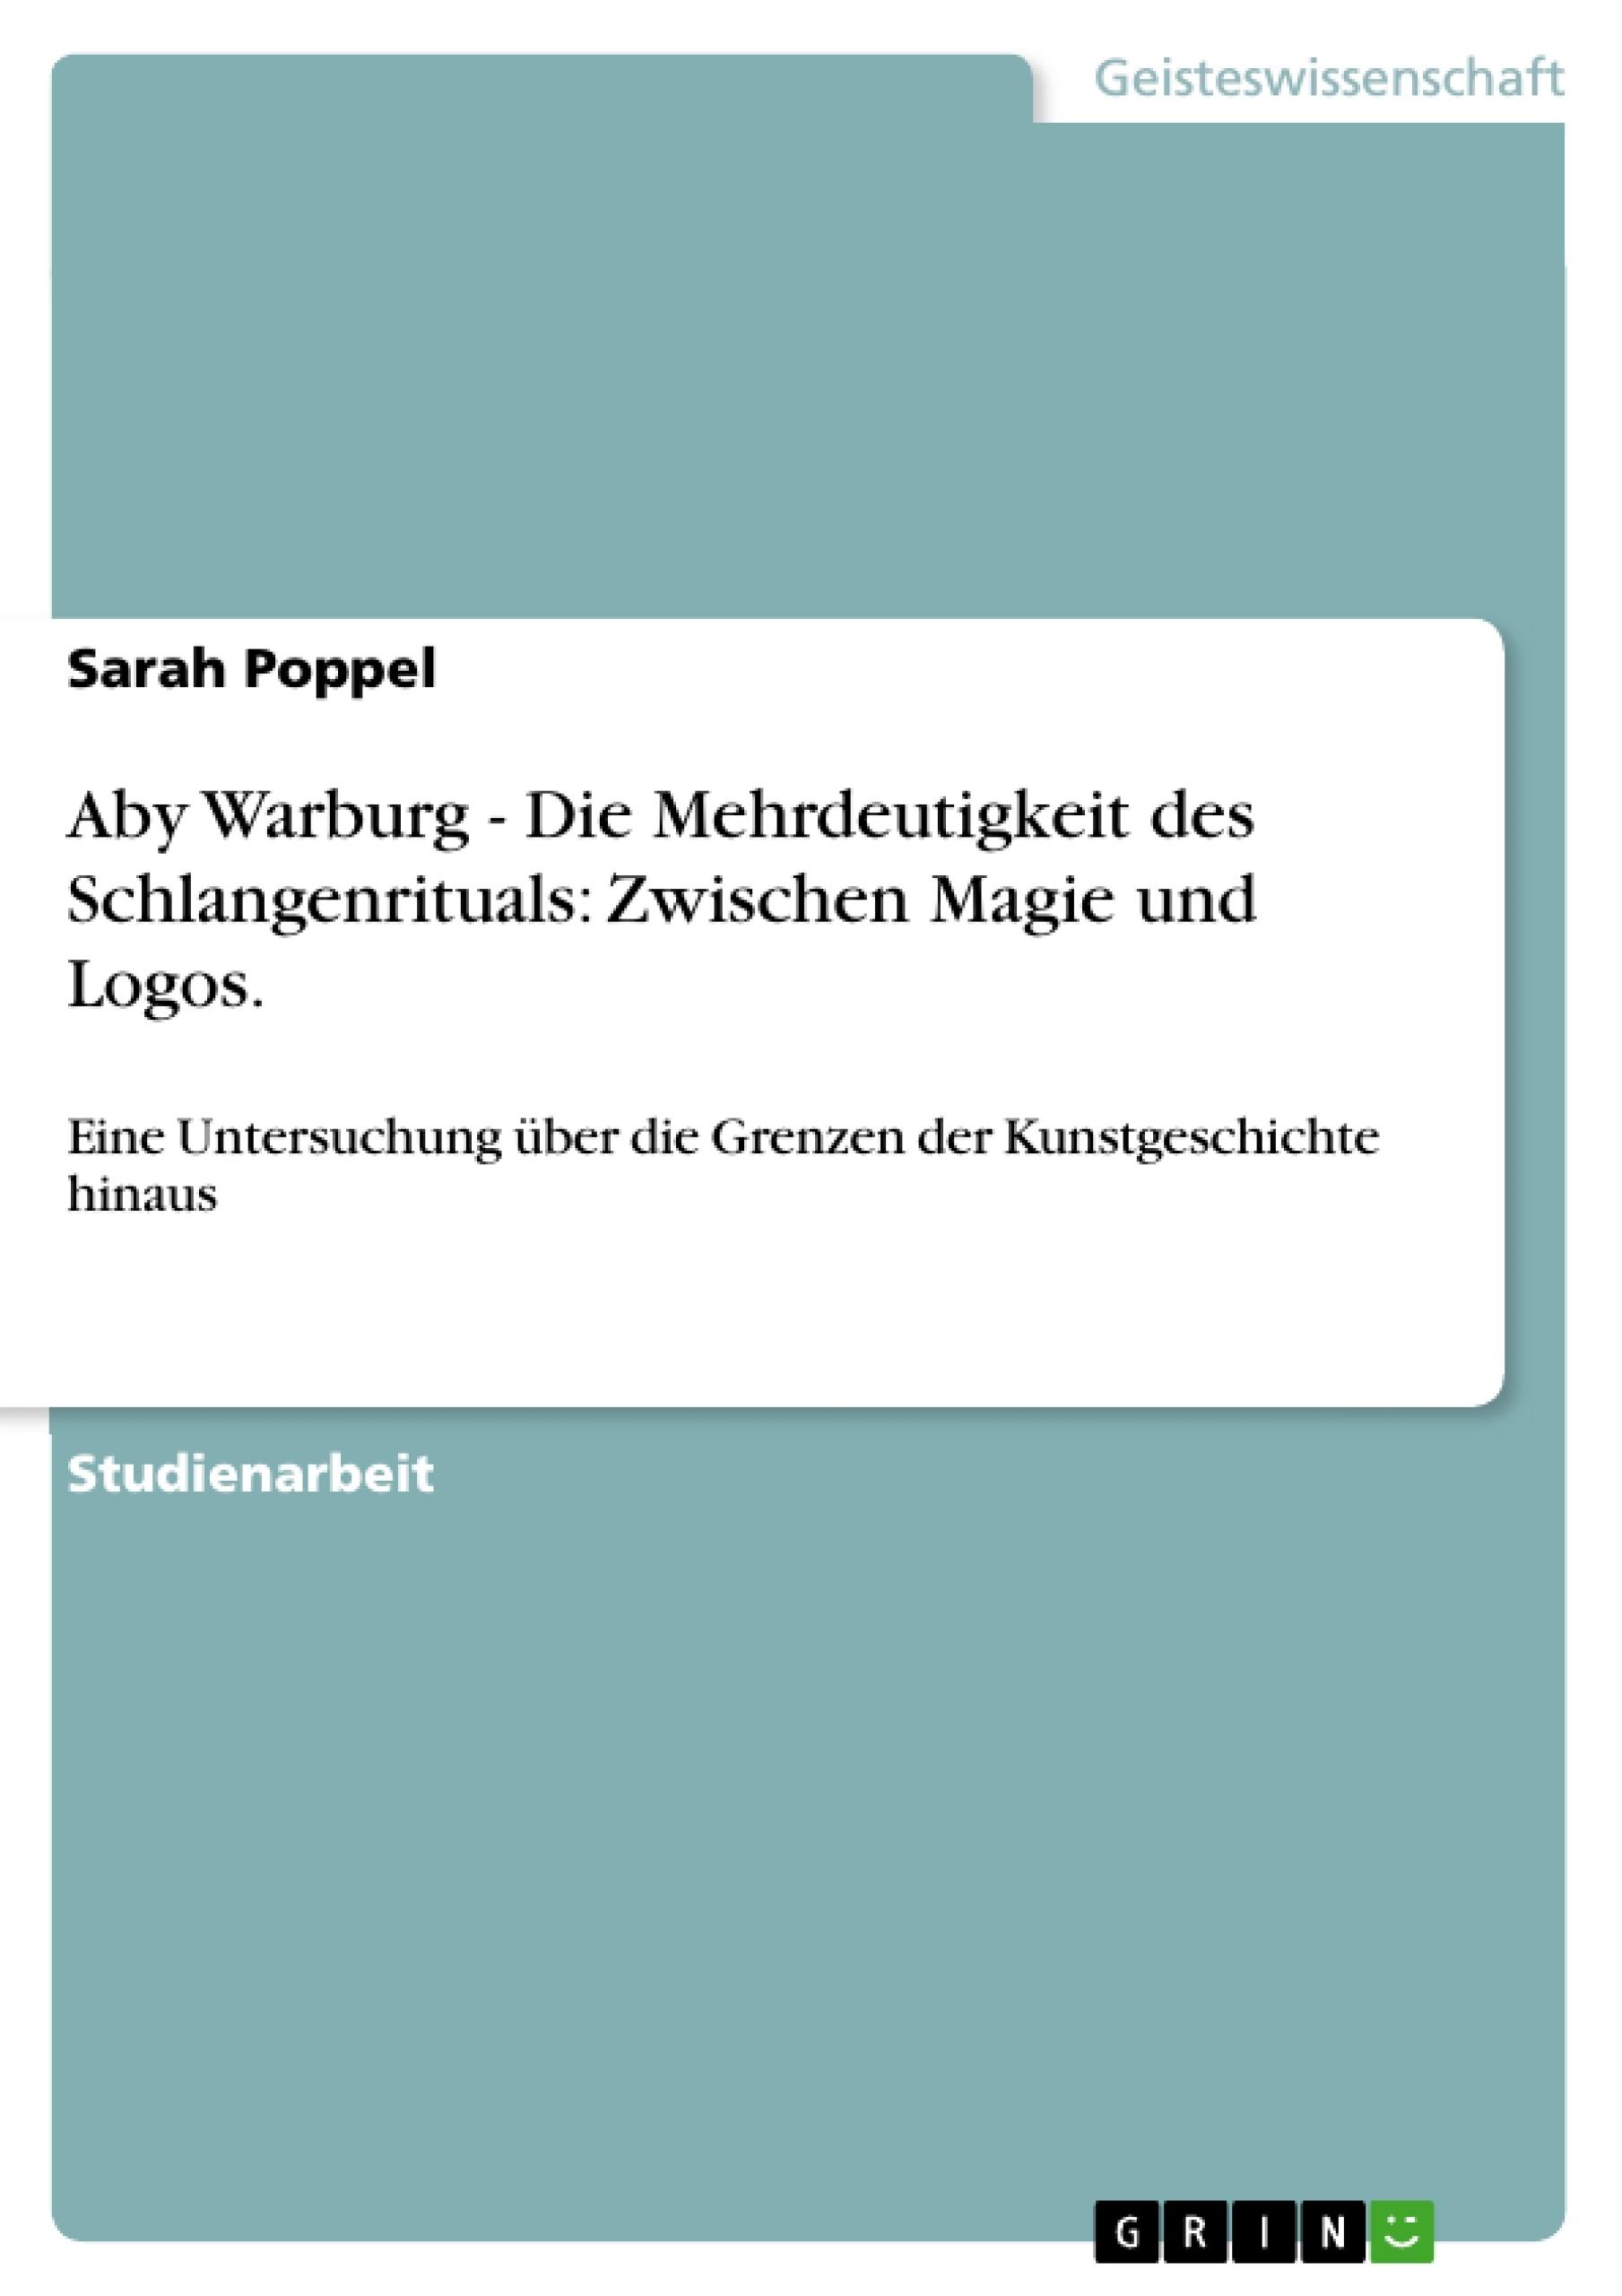 Titel: Aby Warburg - Die Mehrdeutigkeit des Schlangenrituals: Zwischen Magie und Logos.